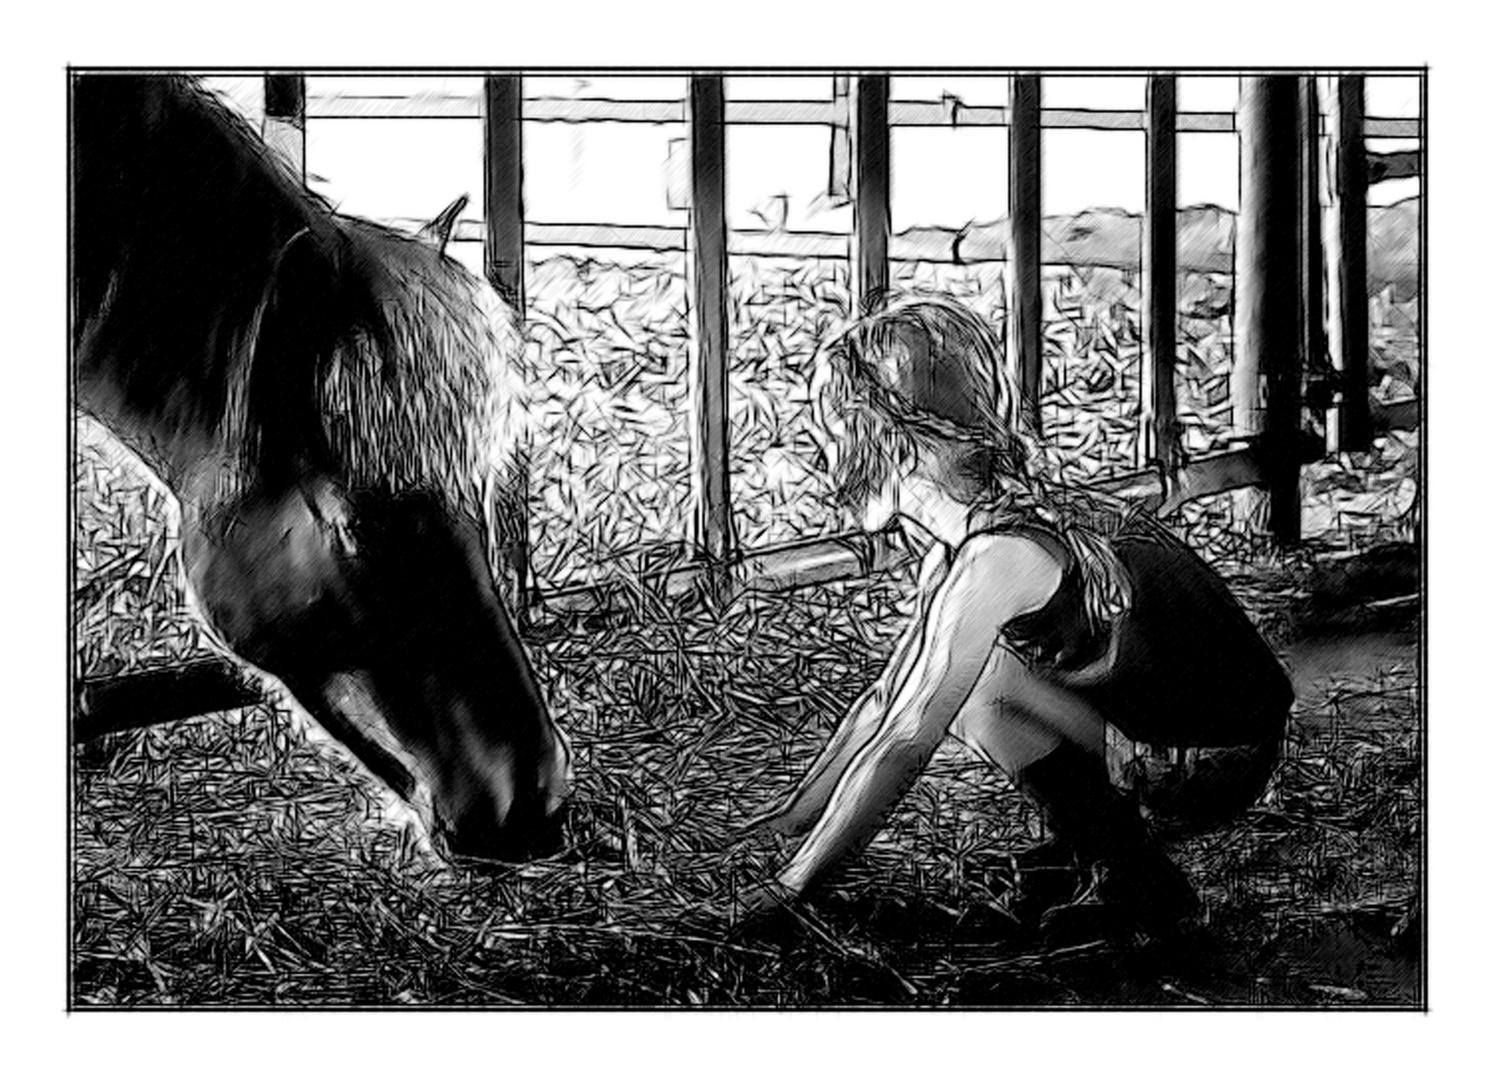 Der Isländer und Das Mädchen 2